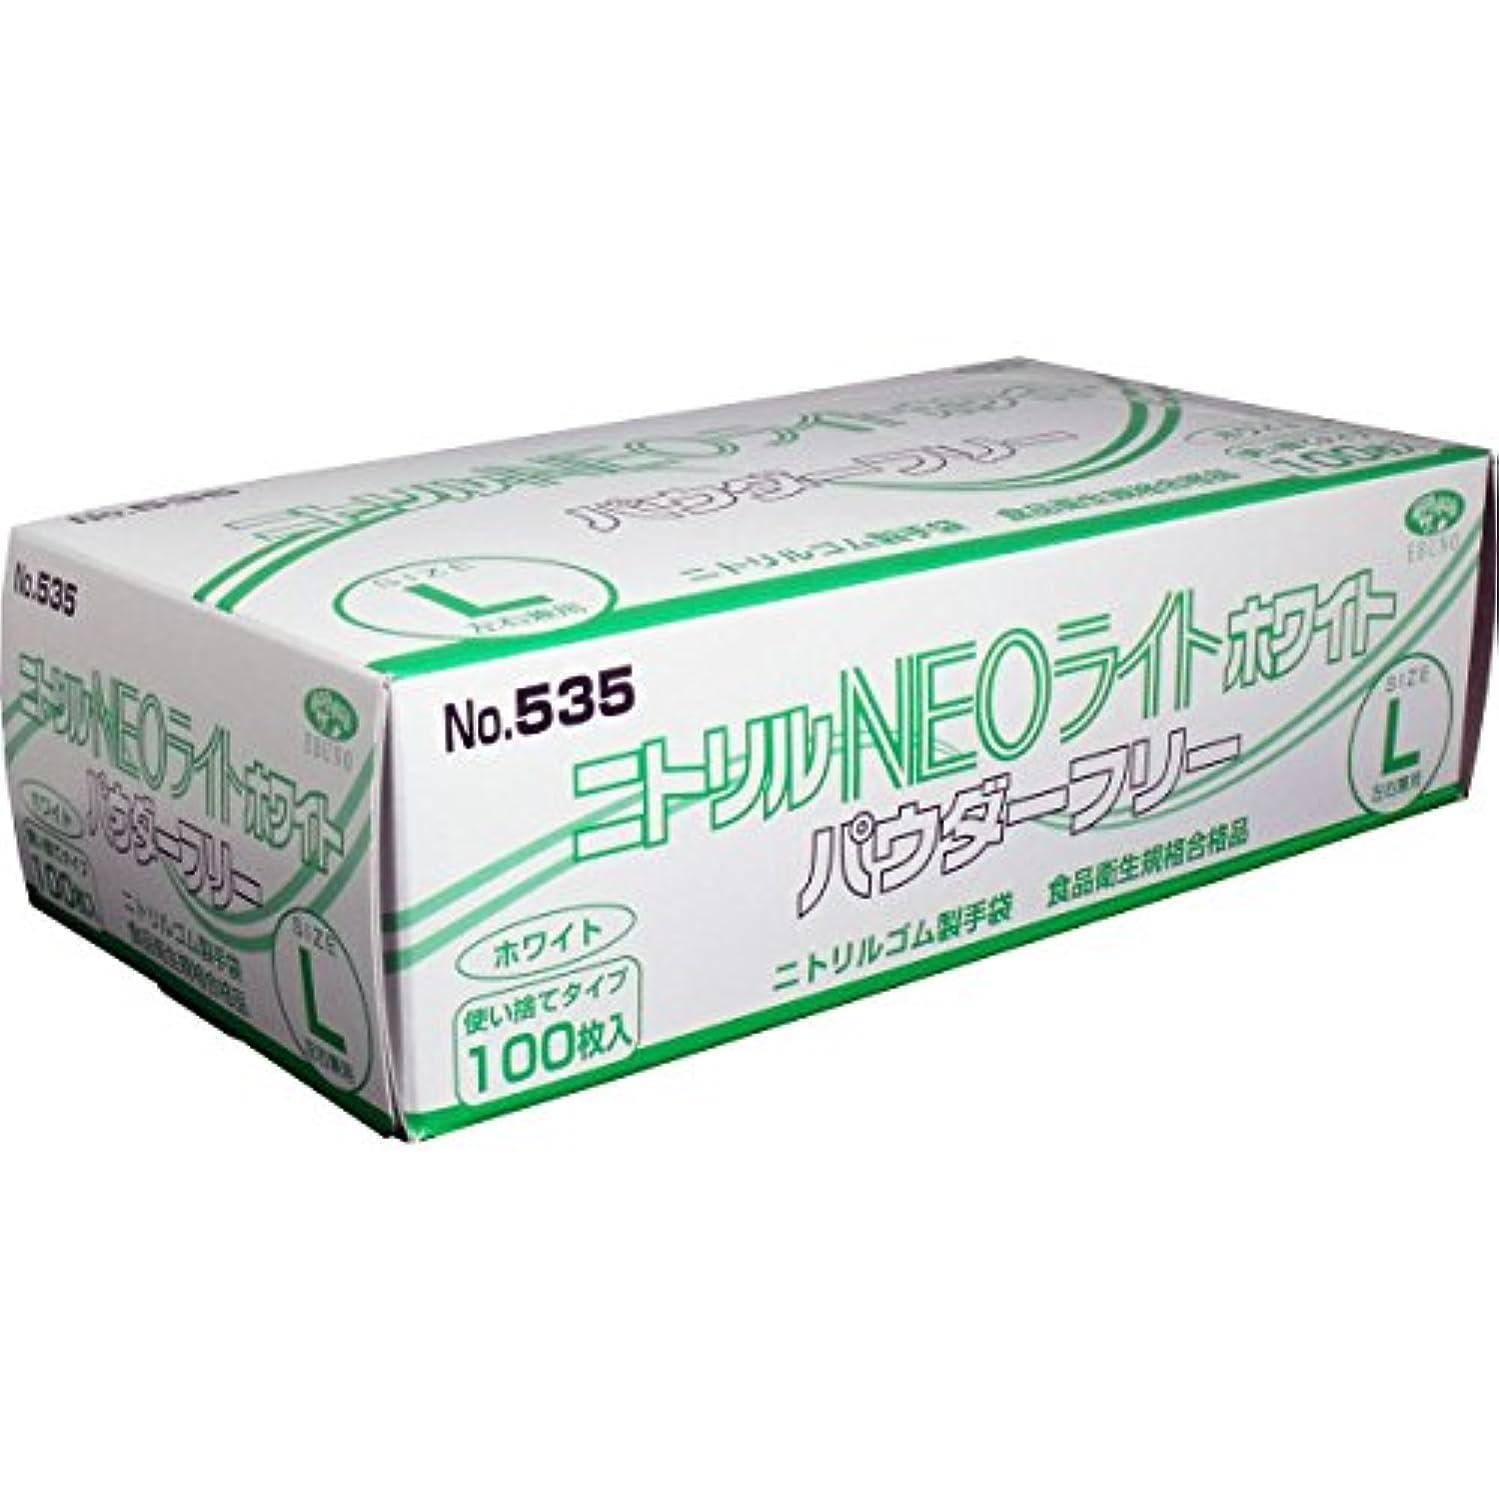 丈夫大びっくりニトリル手袋 NEOライト パウダーフリー ホワイト Lサイズ 100枚入×2個セット